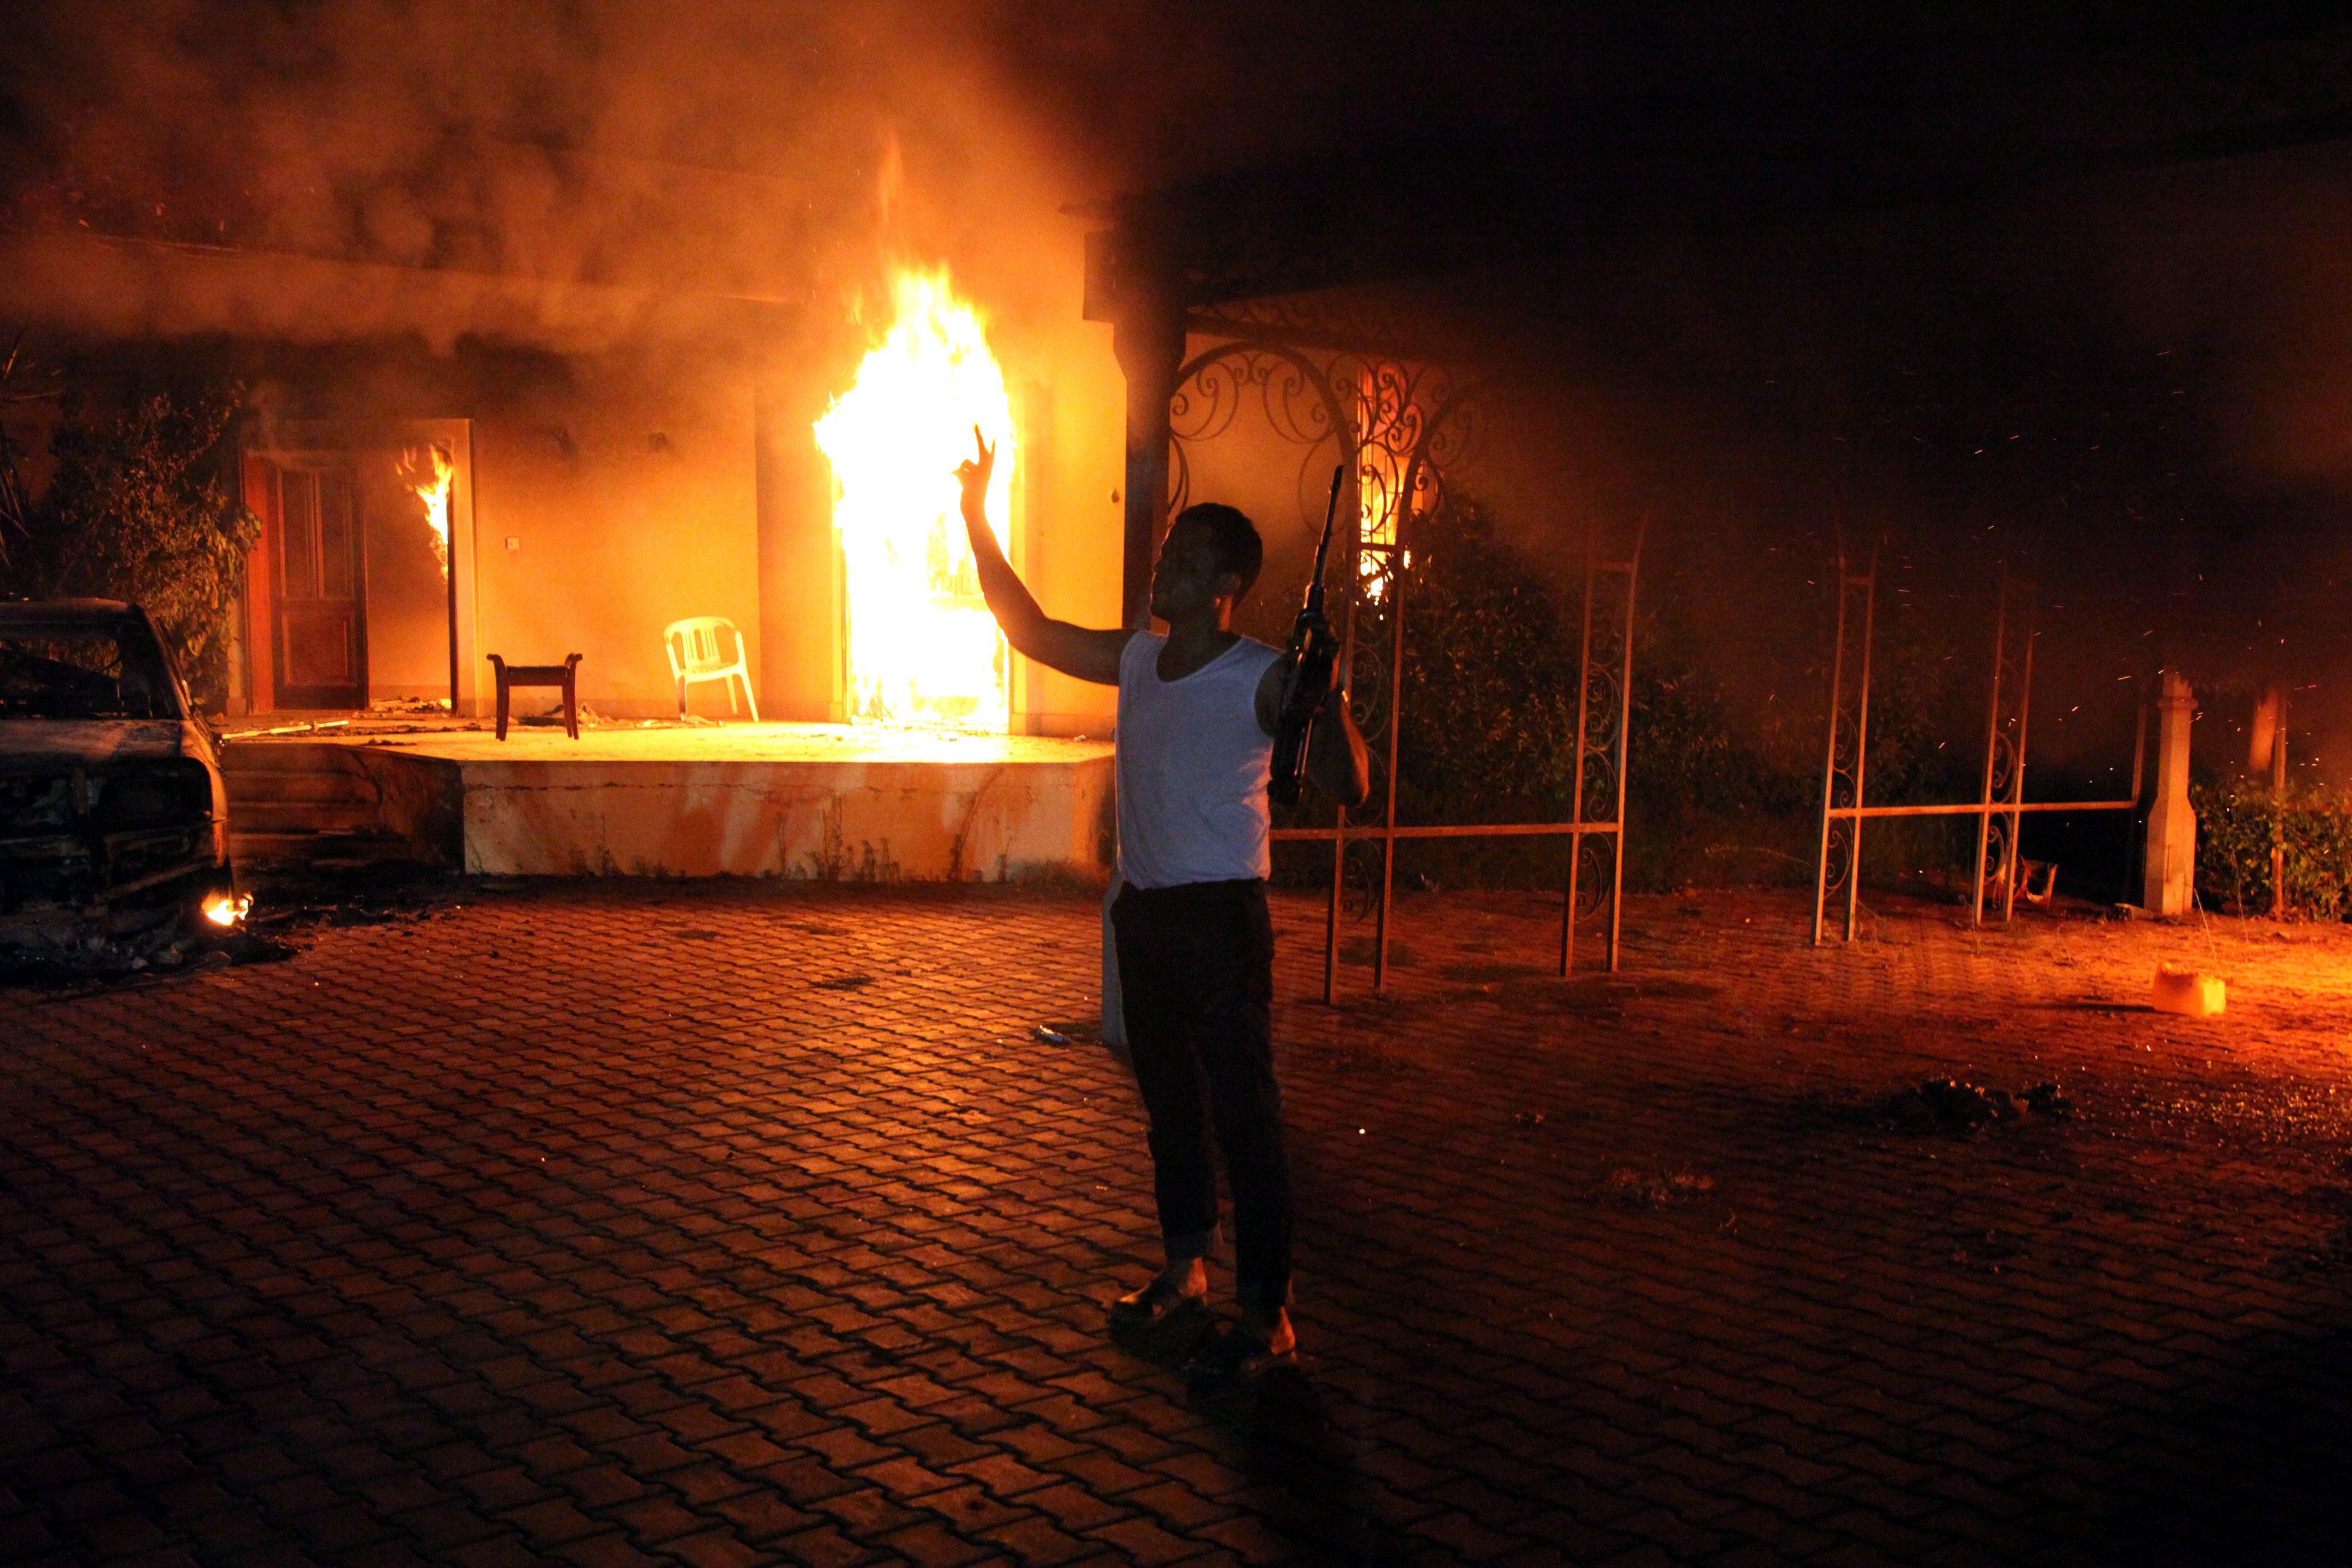 Нападение на американское посольство в Ливии было совершено после того, как в интернете появился трейлер фильма «Невинность мусульман»